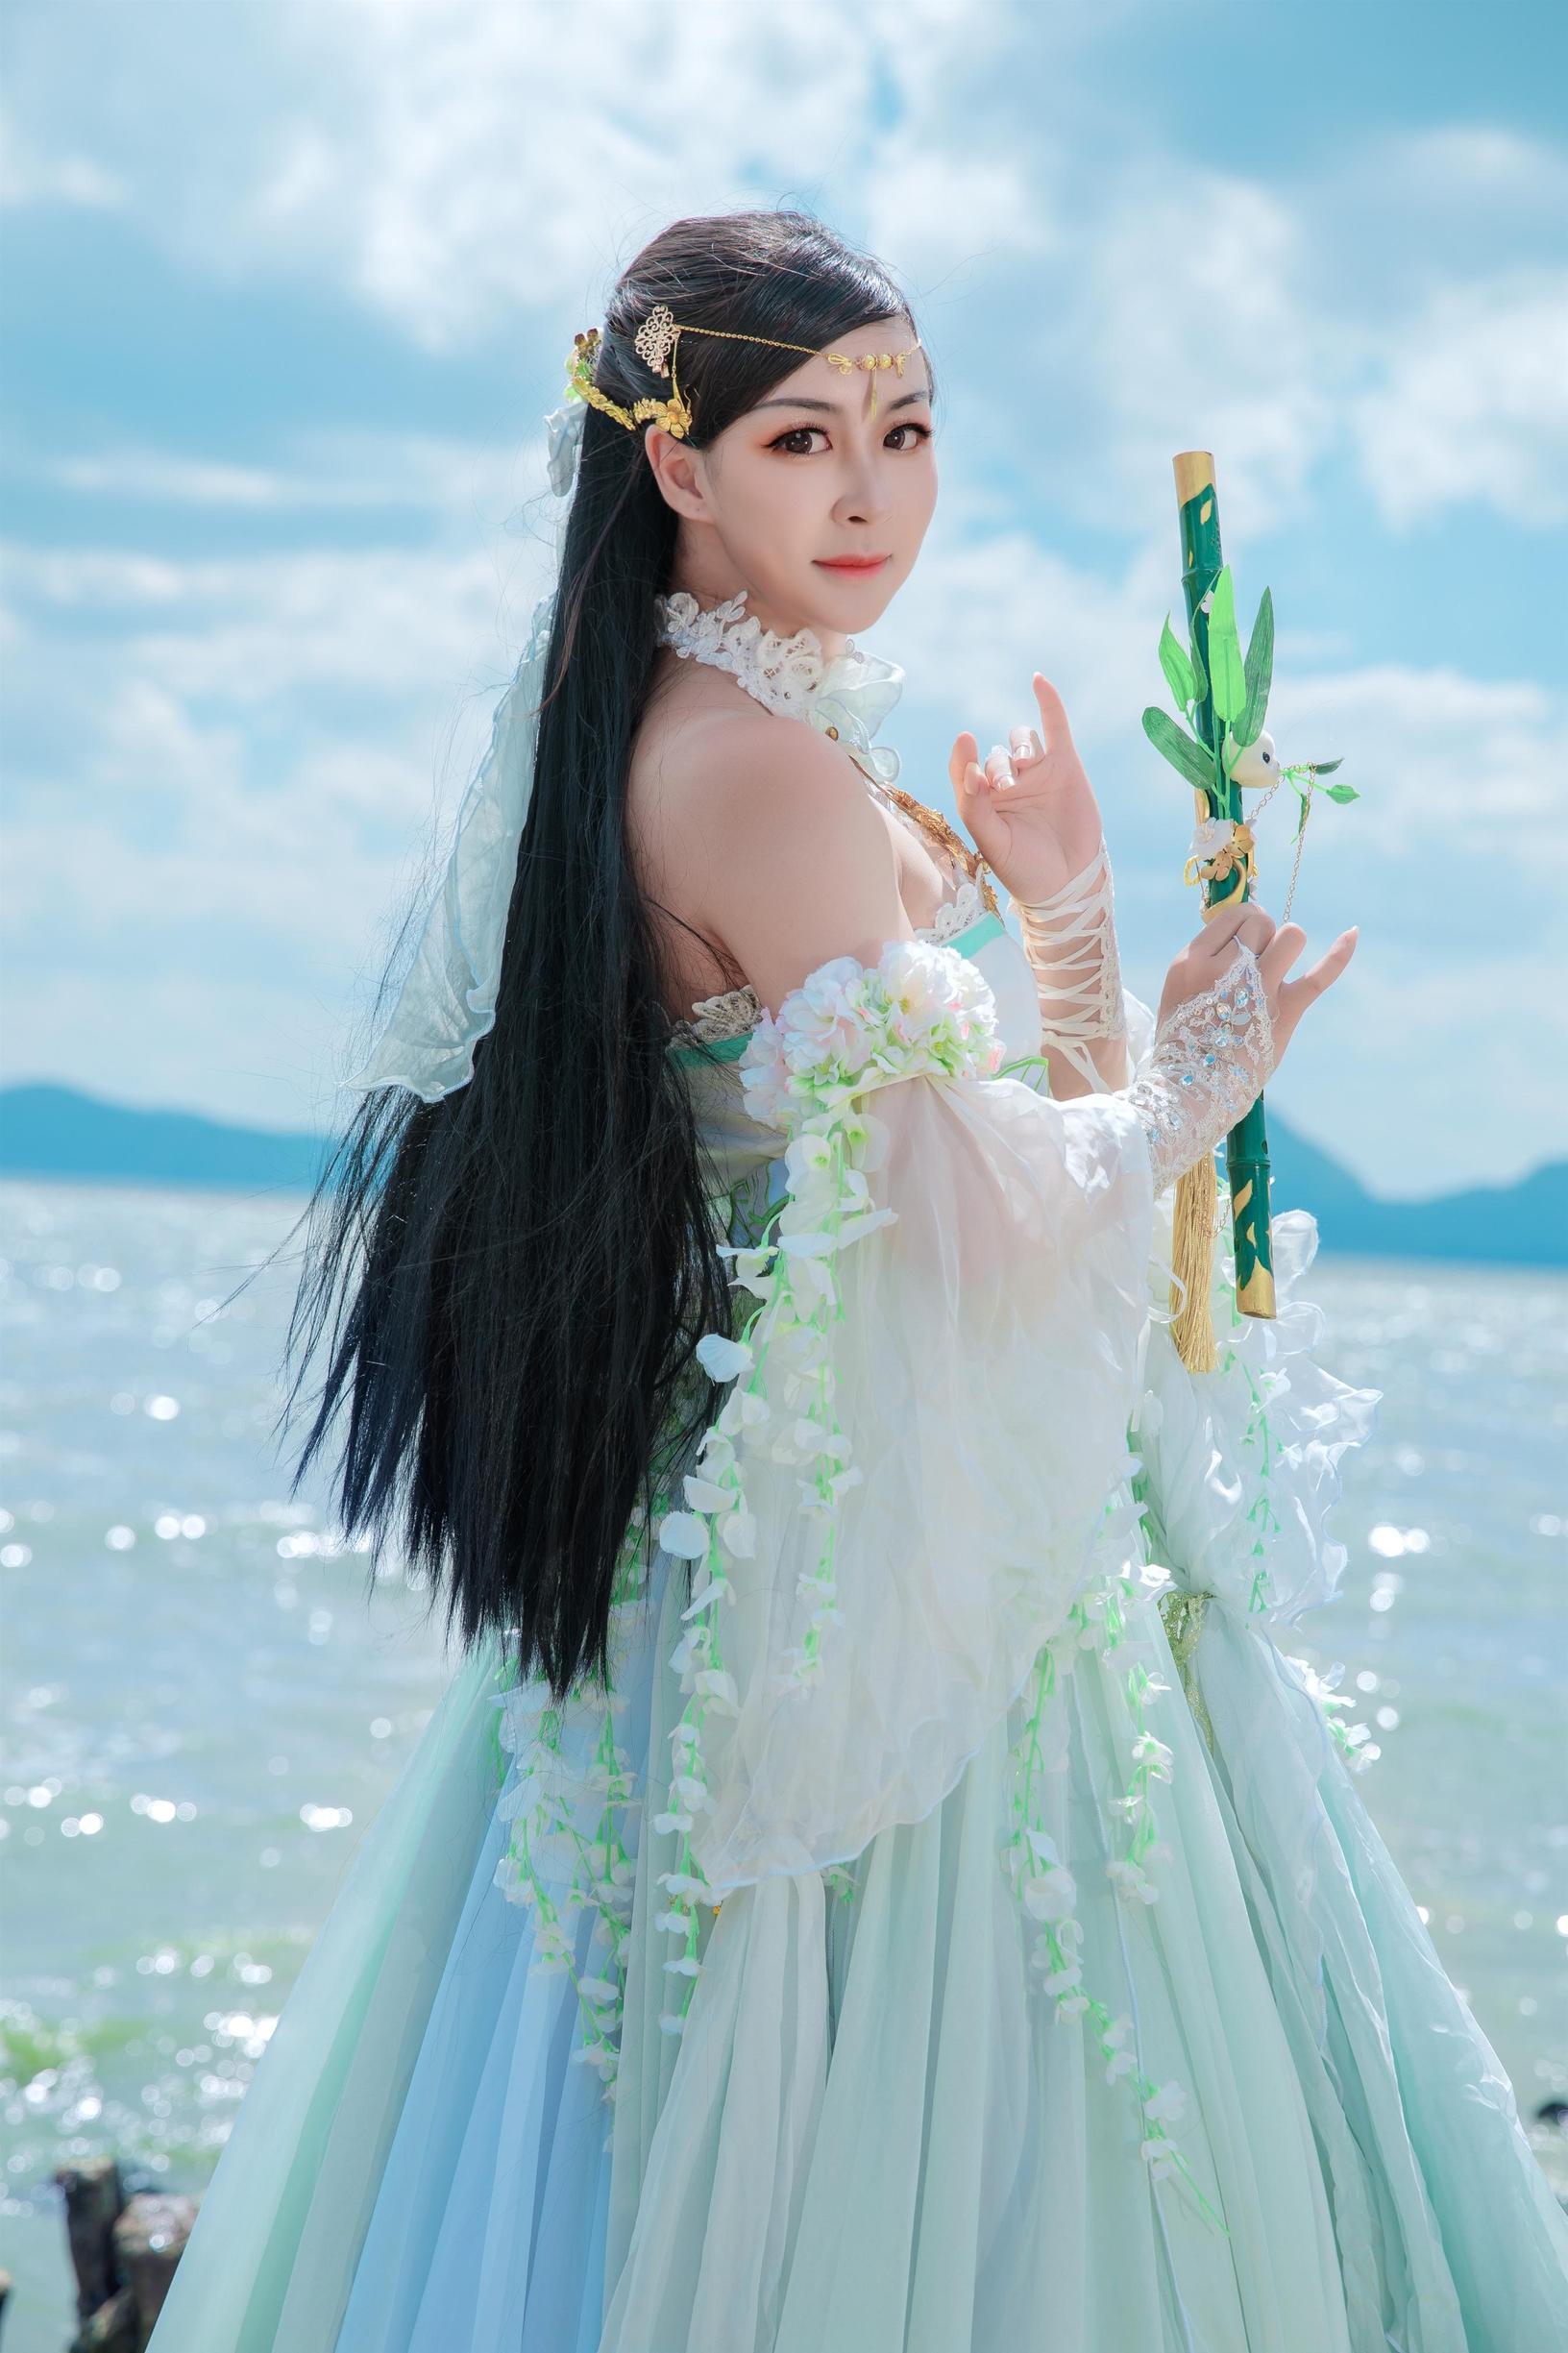 《天涯明月刀OL》古风cosplay【CN:瑶音音】-第8张